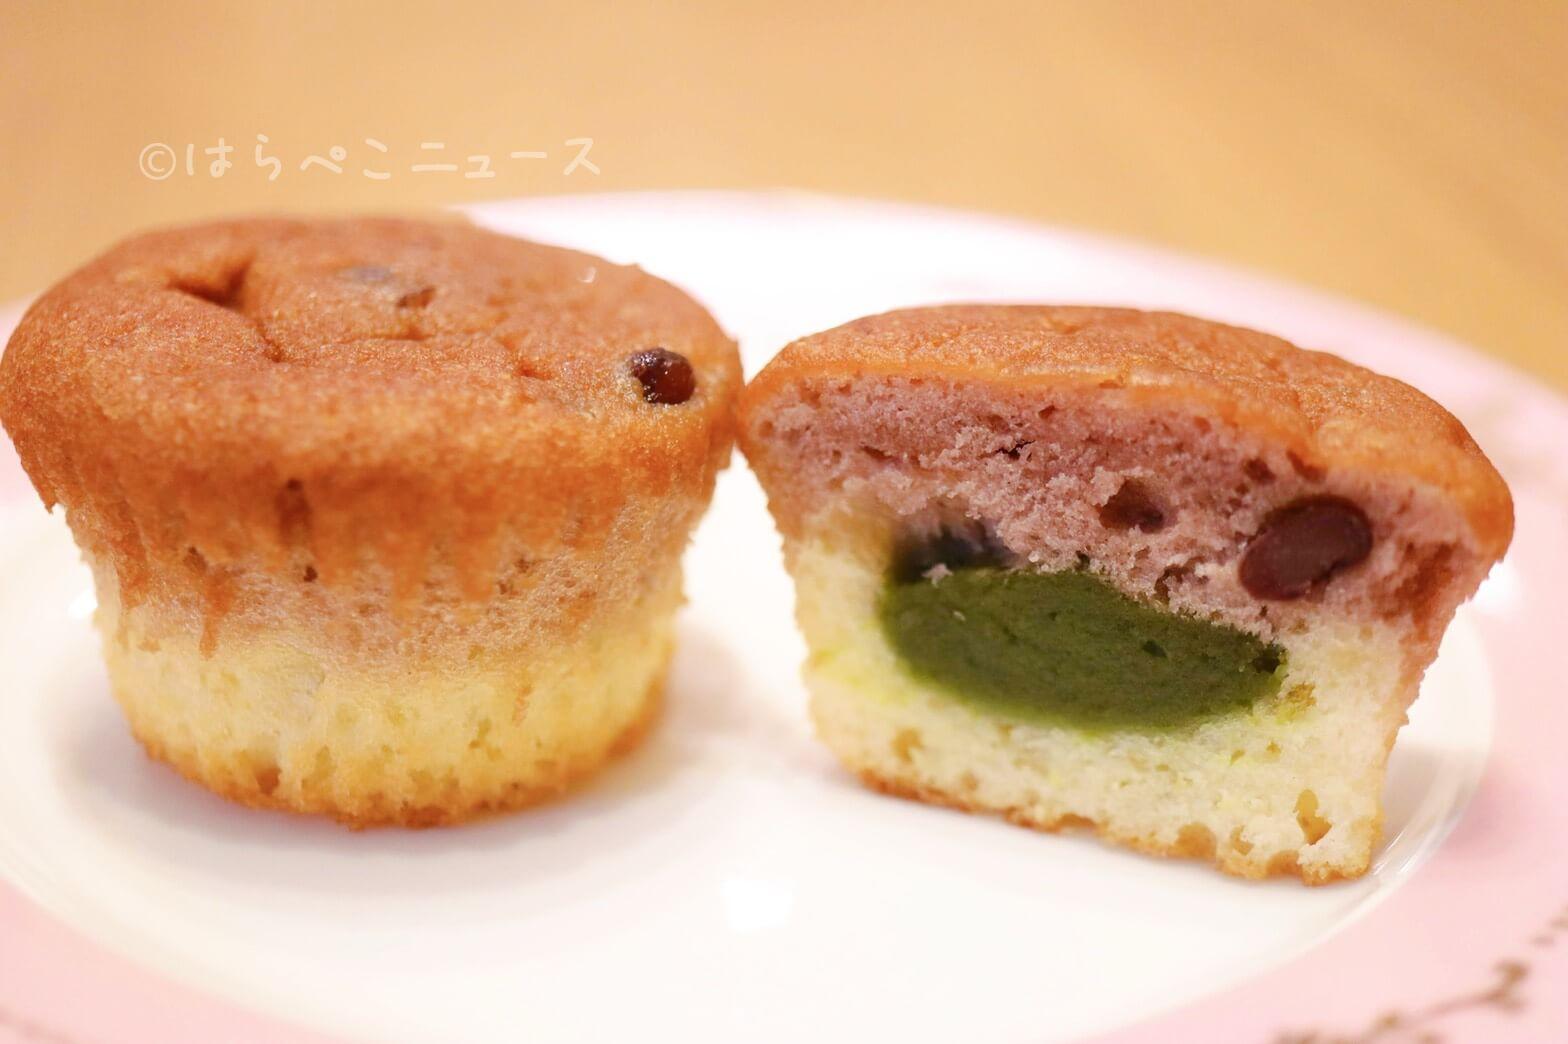 【実食レポ】カルディ『抹茶あずきケーキ』層が綺麗!ピンクのあずき生地&宇治抹茶クリームのふわふわケーキ